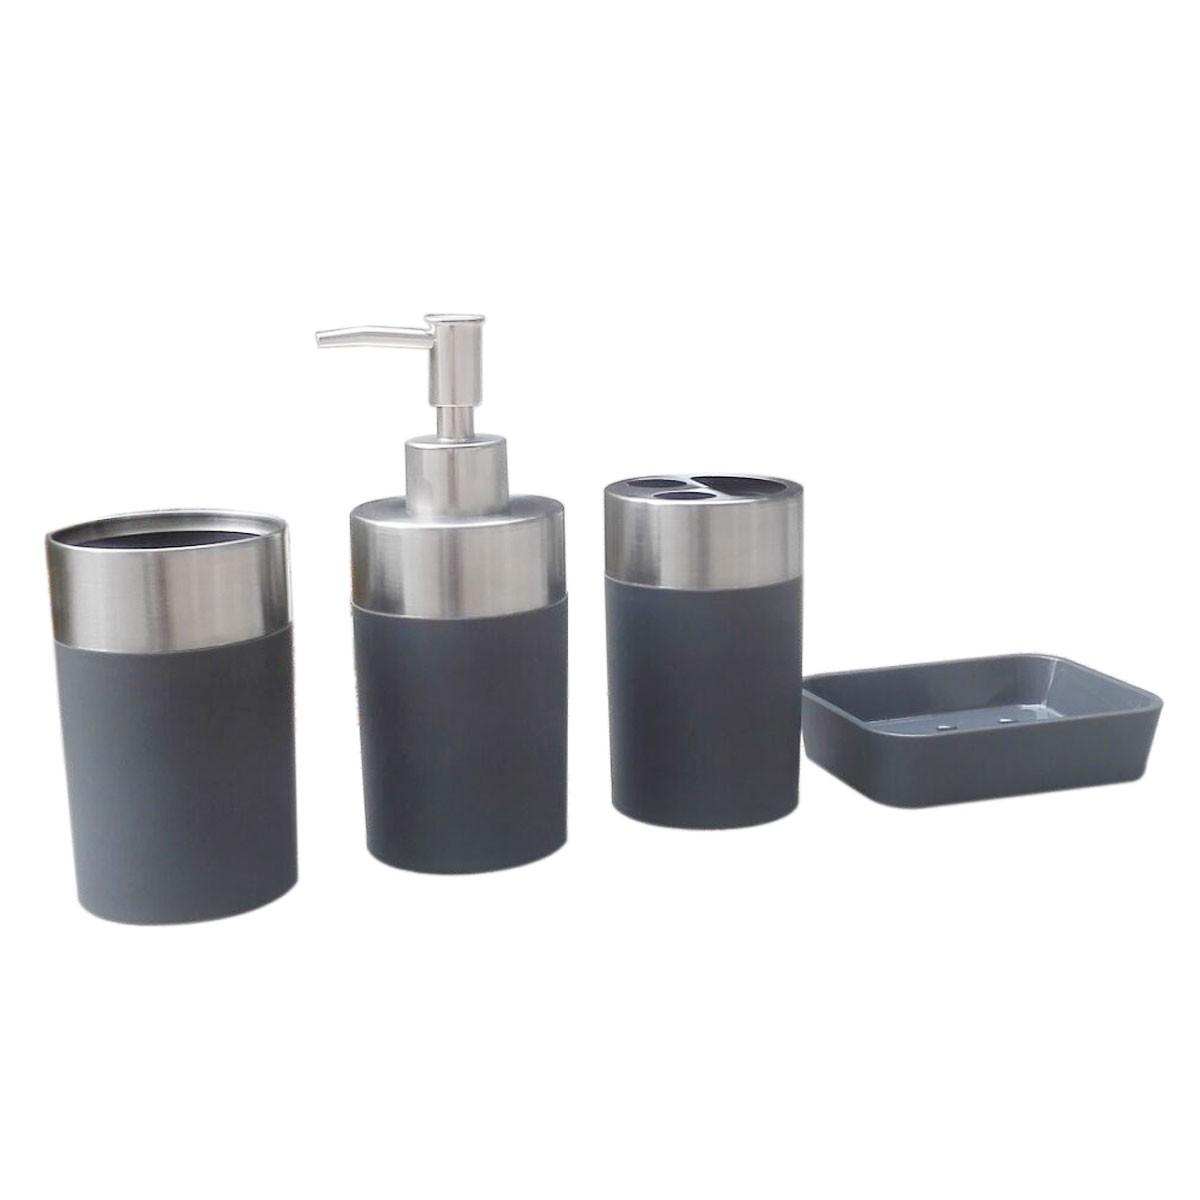 Set 4 accessoires salle de bain gris dk st021 for Accessoire salle de bain zara